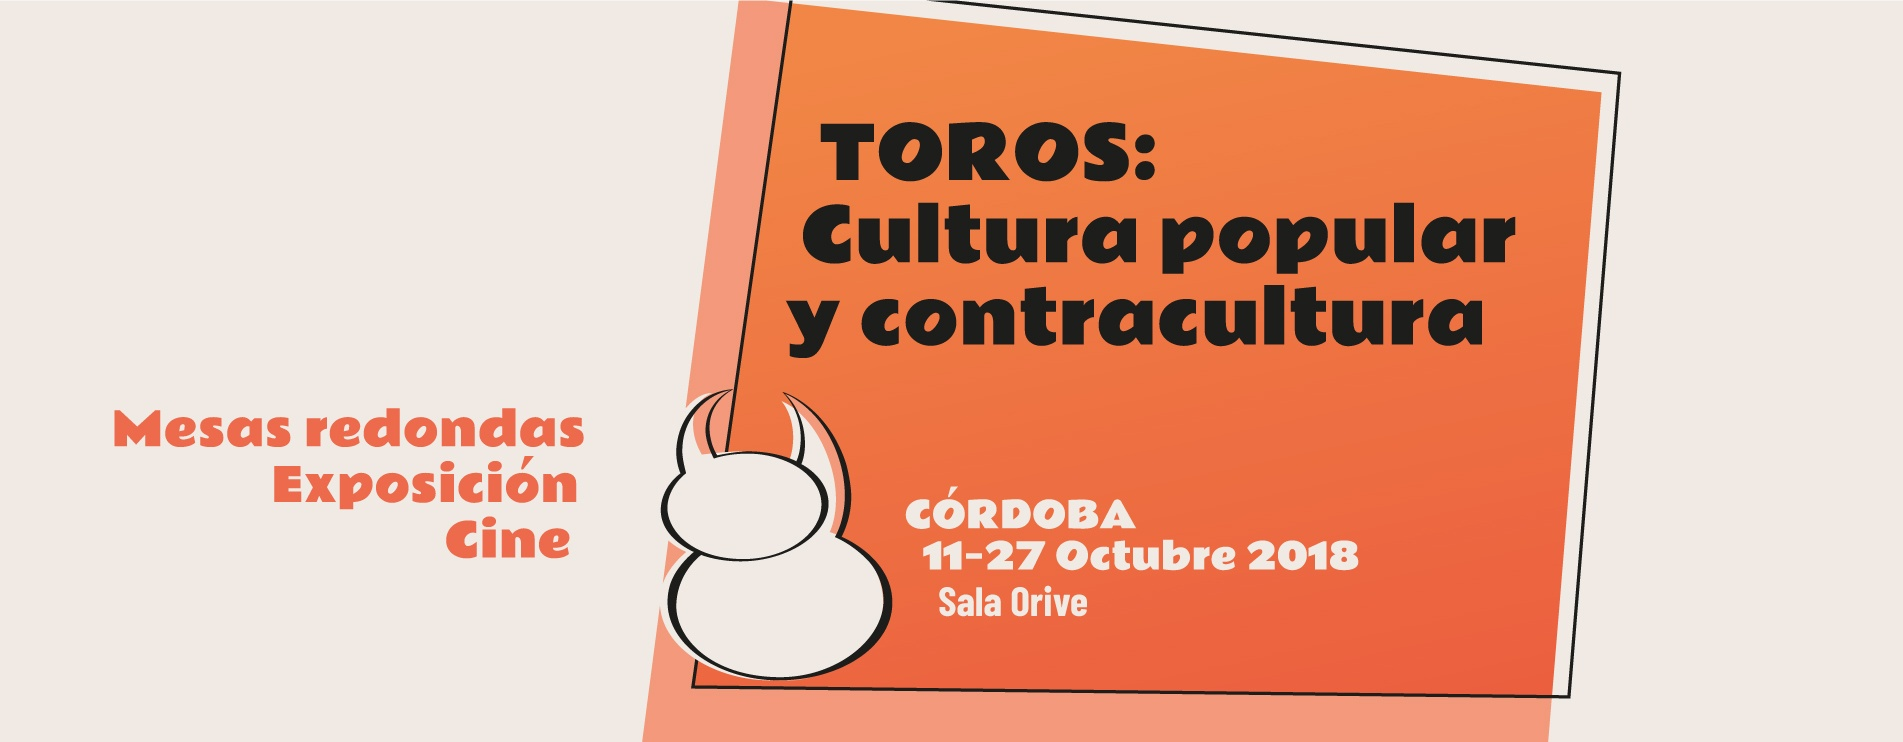 Toros: Cultura popular y contracultura